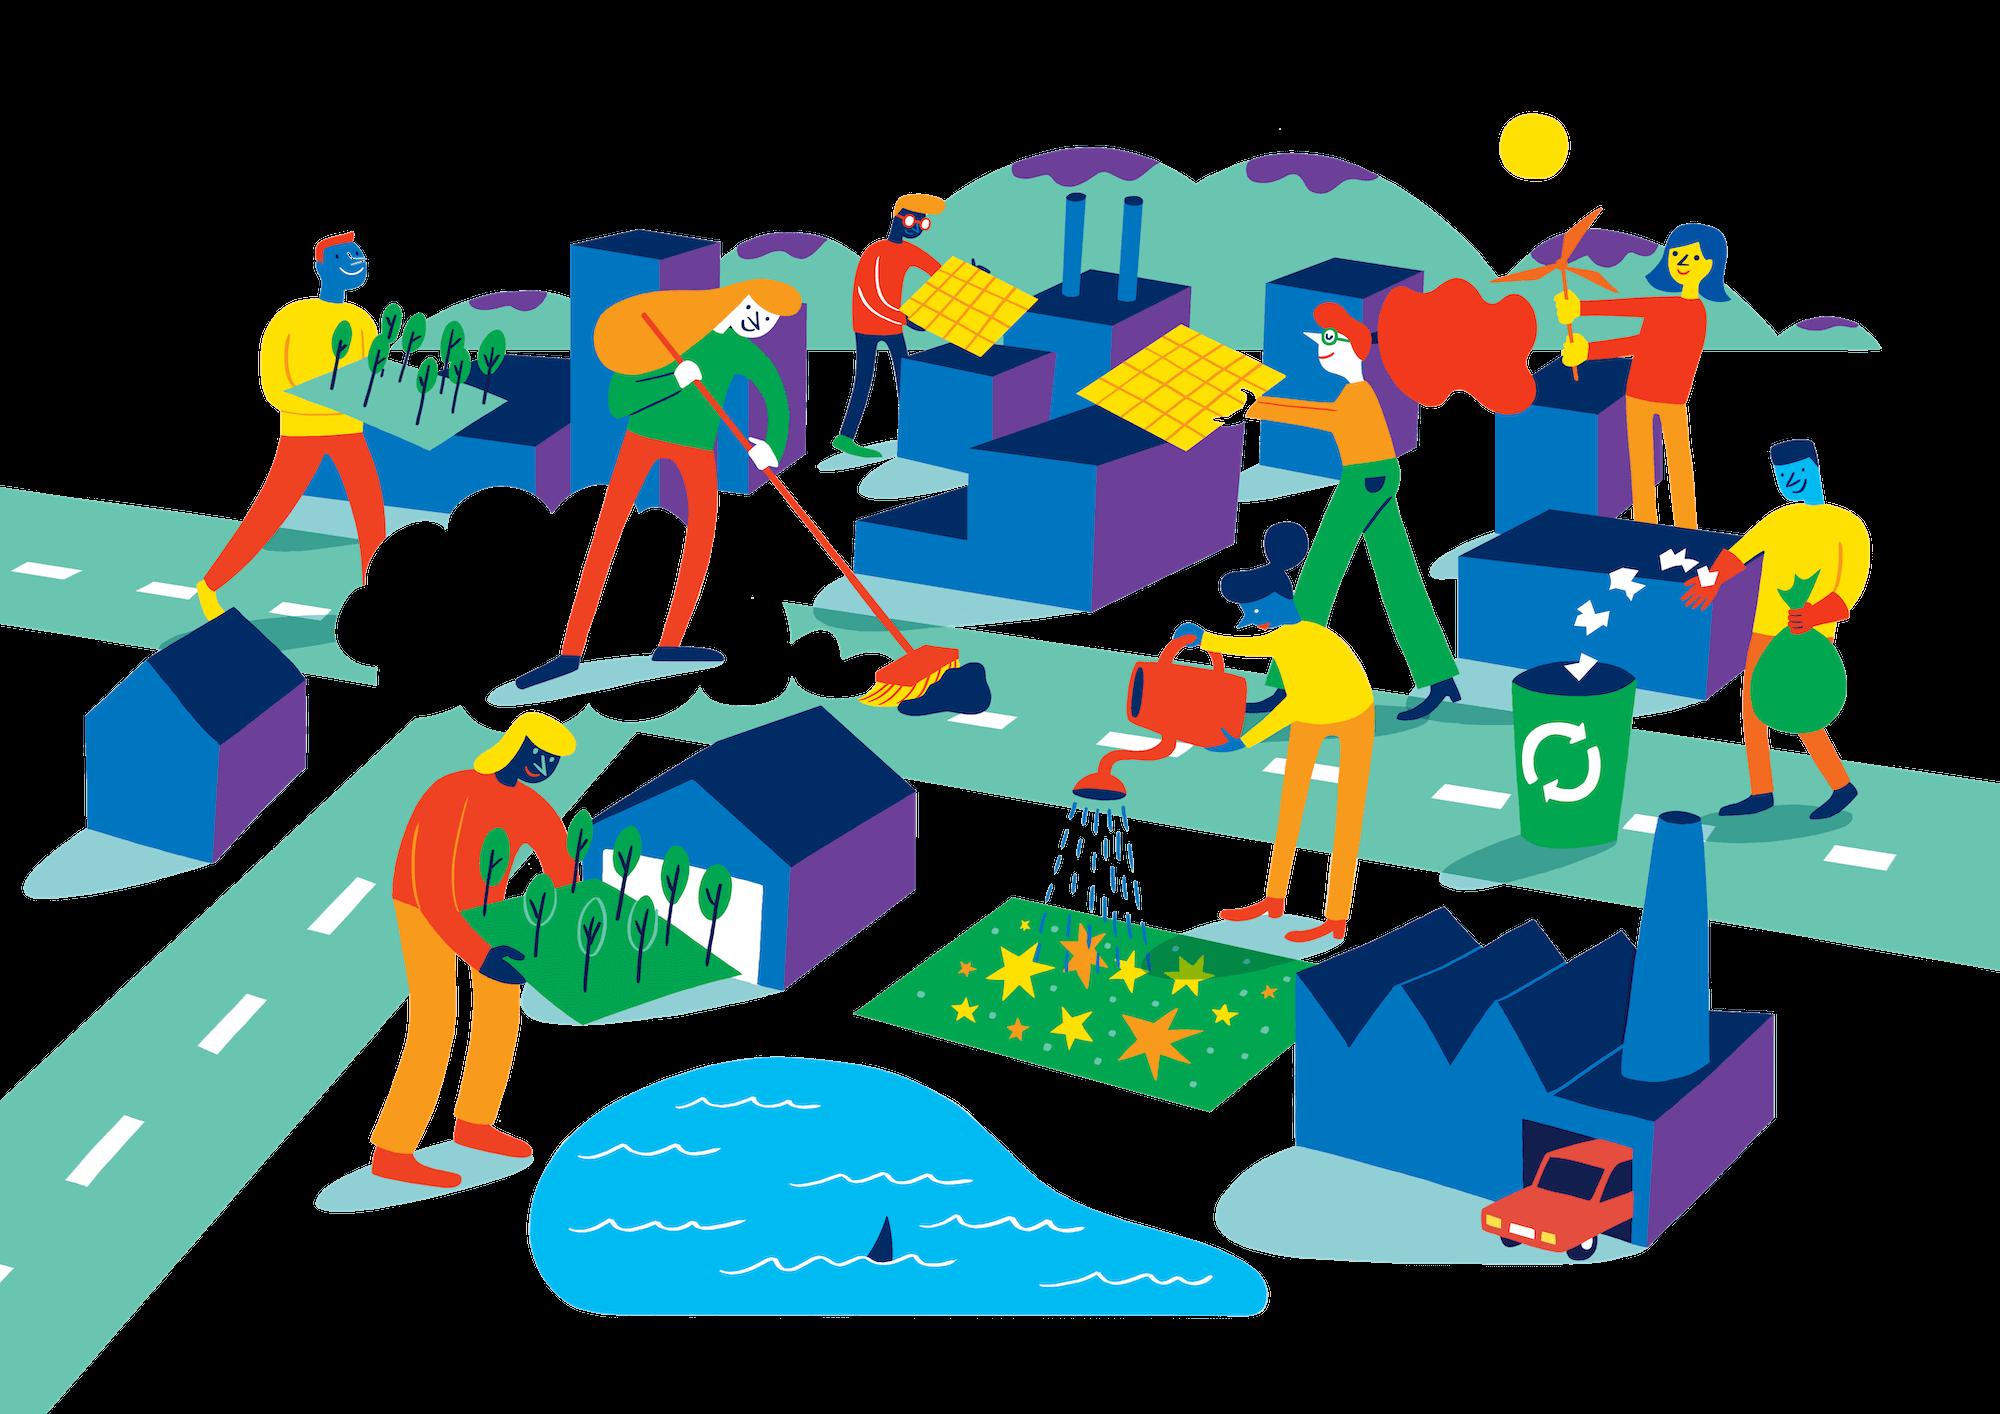 Illustrasjon av mennesker som jobber sammen for å skape bedre steder